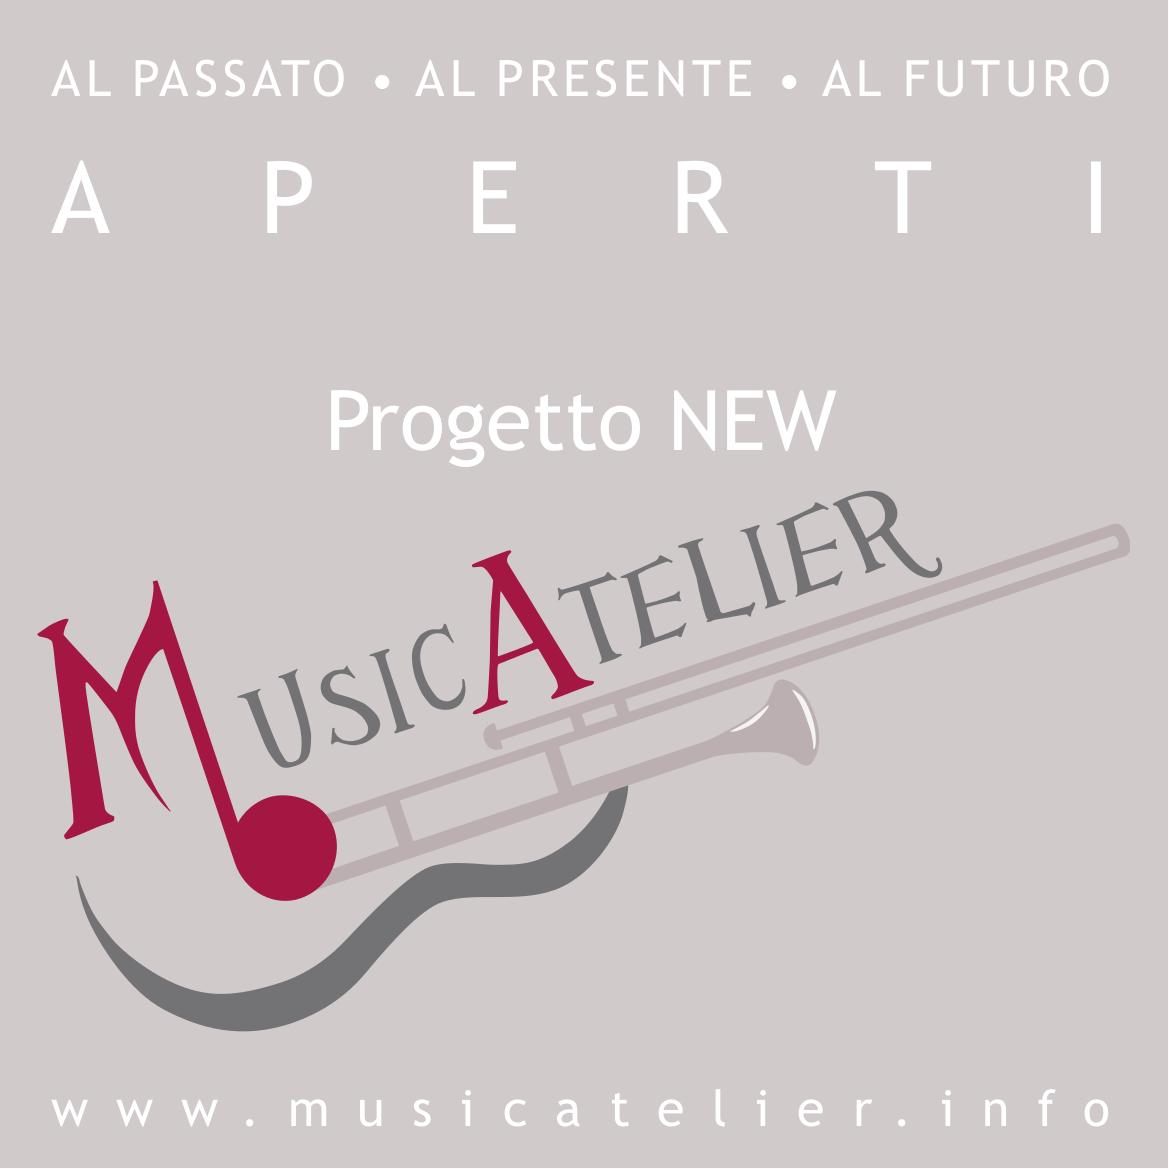 Progetto NEW MusicAtelier